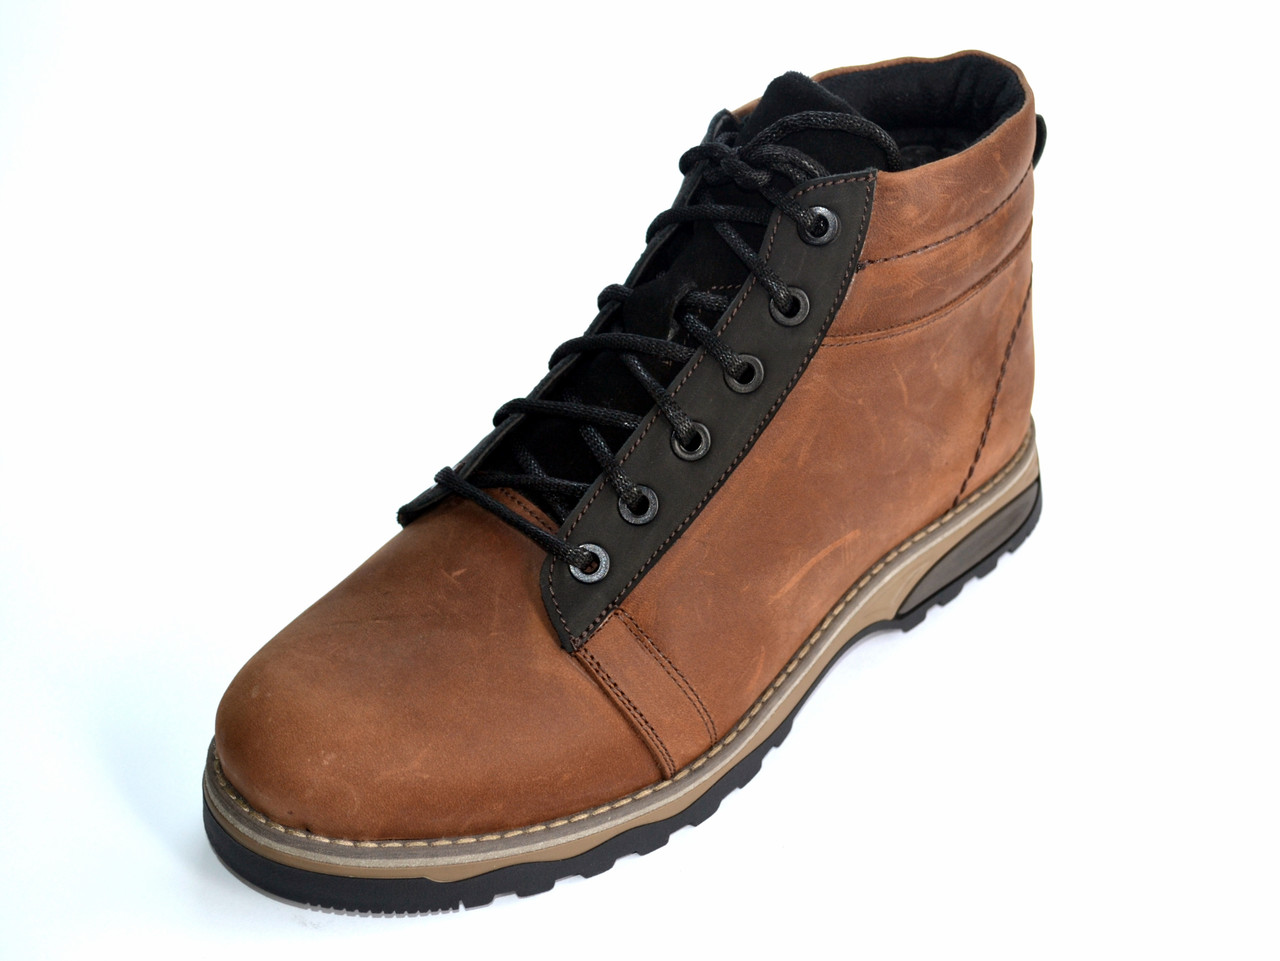 Зимові кросівки чоловічі з хутром коричневі Rosso Avangard Bridge SE Trend Brown шкіряні